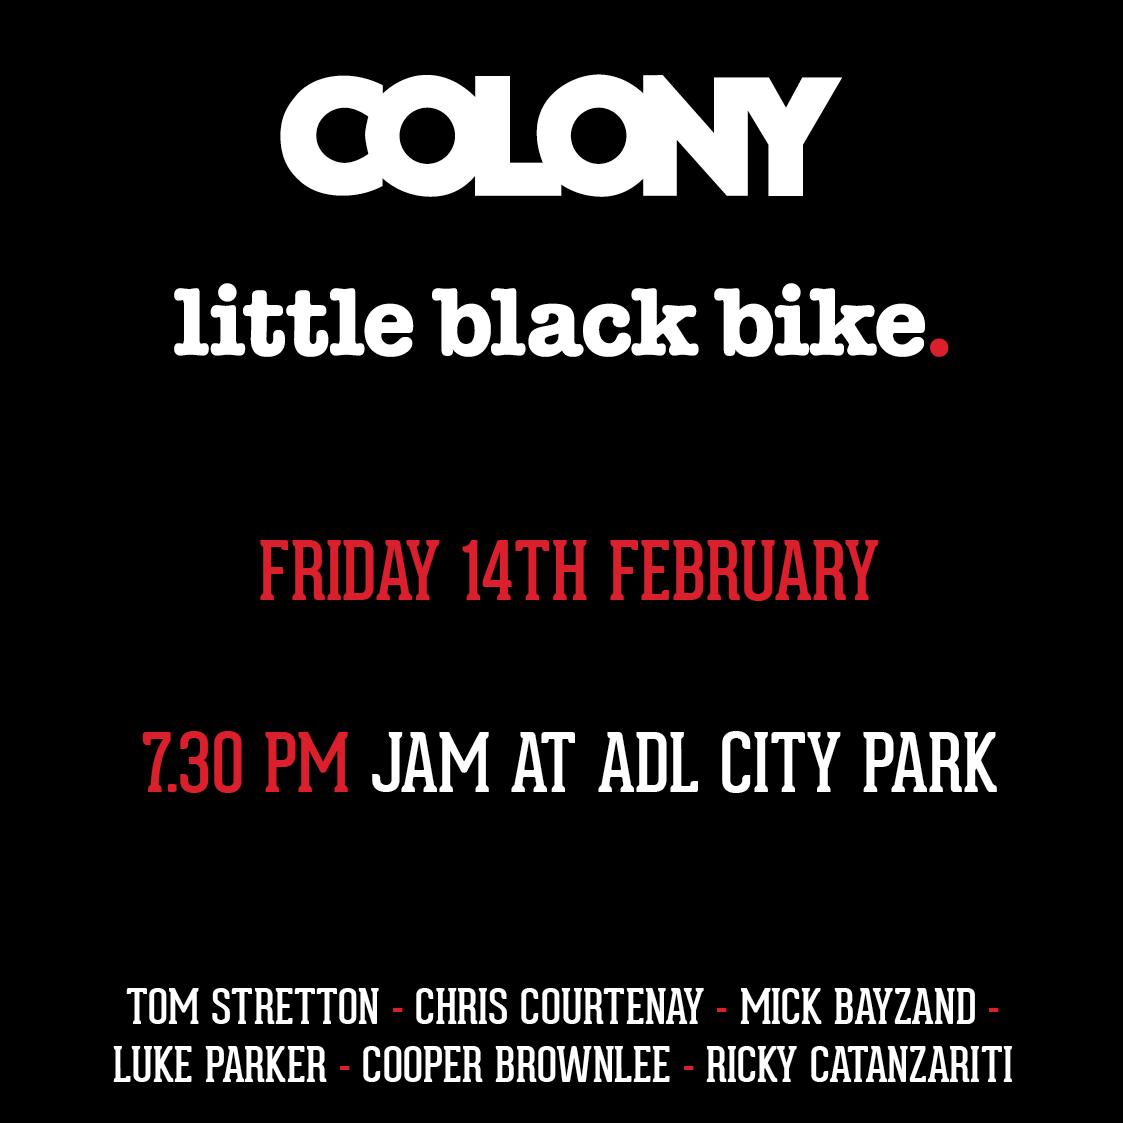 colonyXlbb flyer